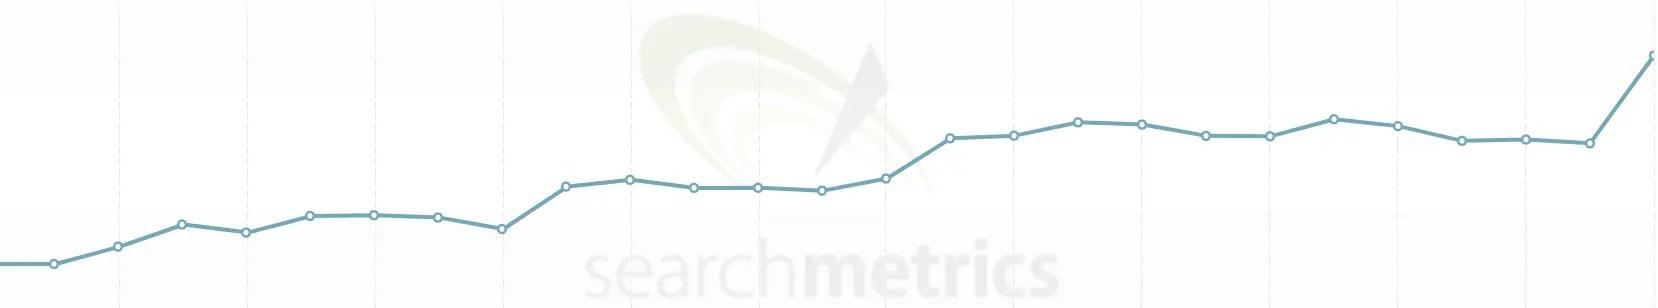 Sichtbarkeit von Macnotes (November 2019 bis Mitte Mai 2020)